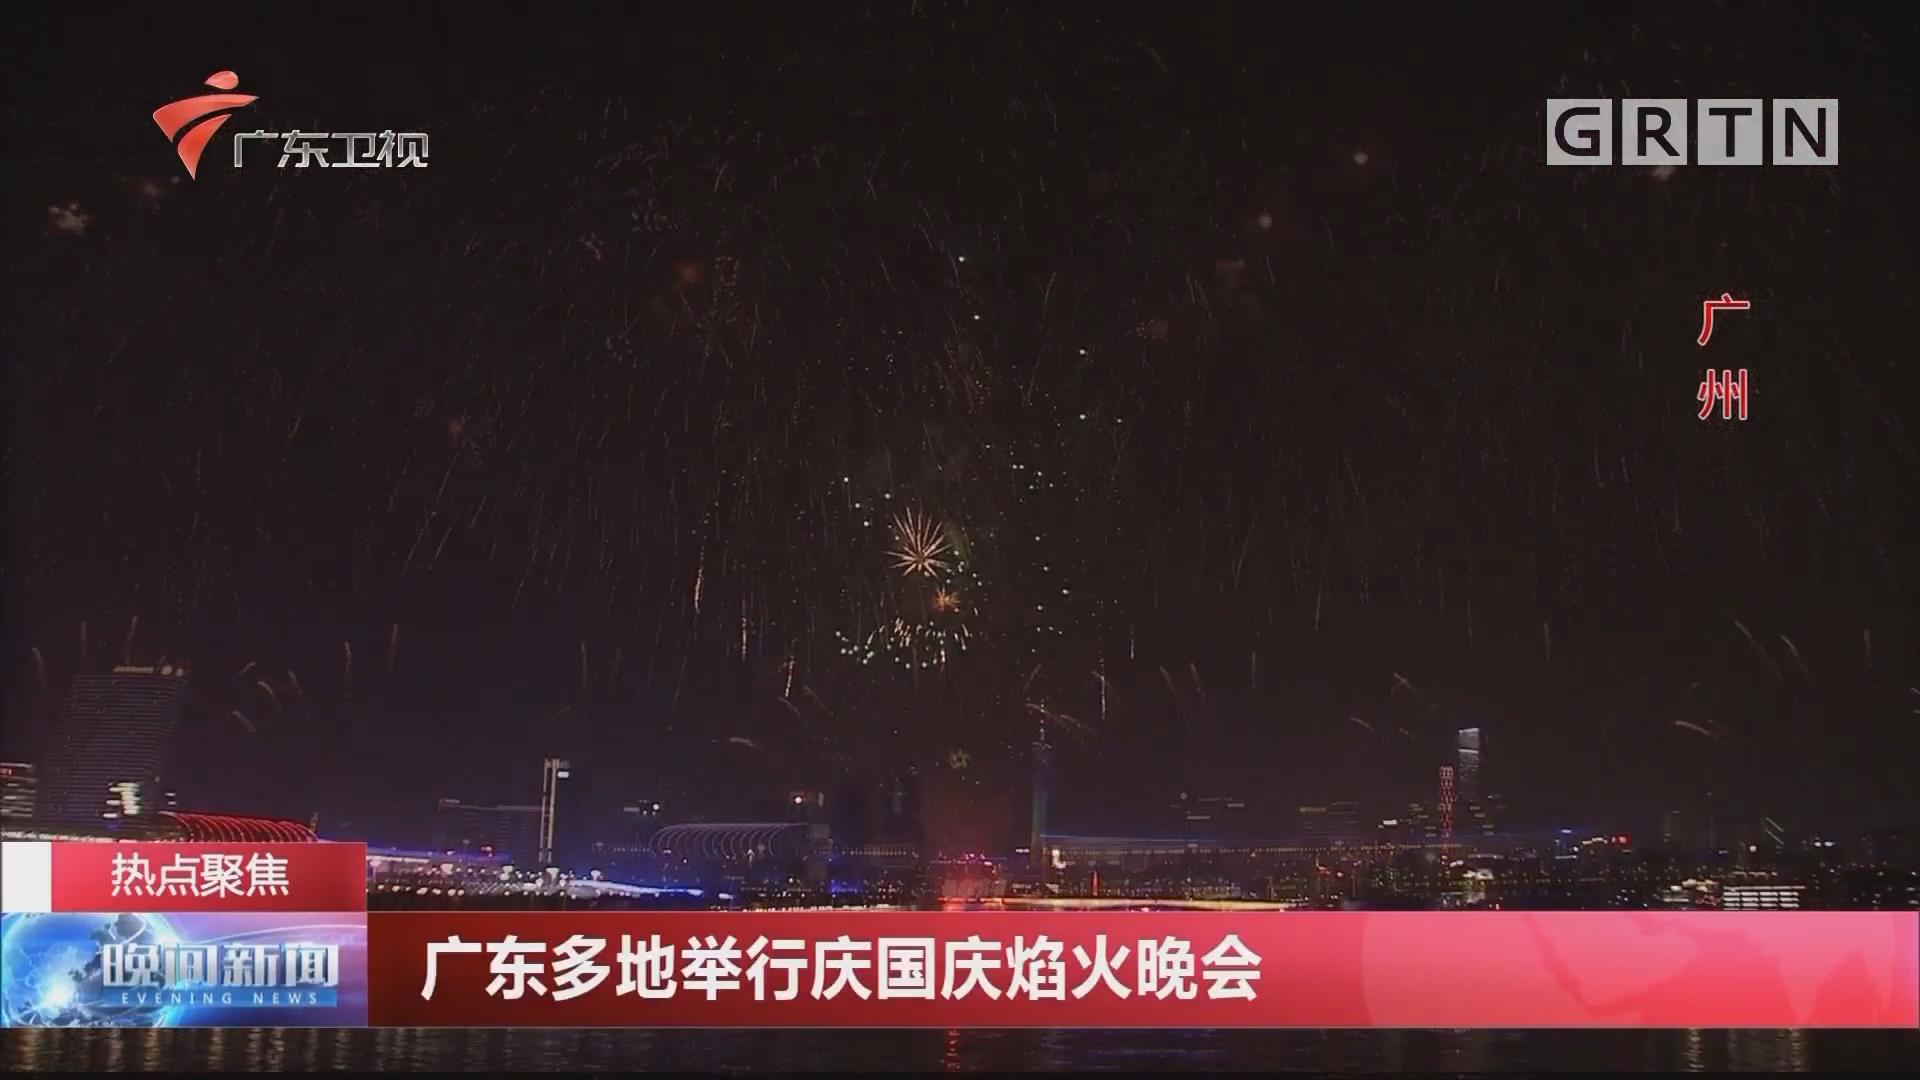 广东多地举行国庆焰火晚会